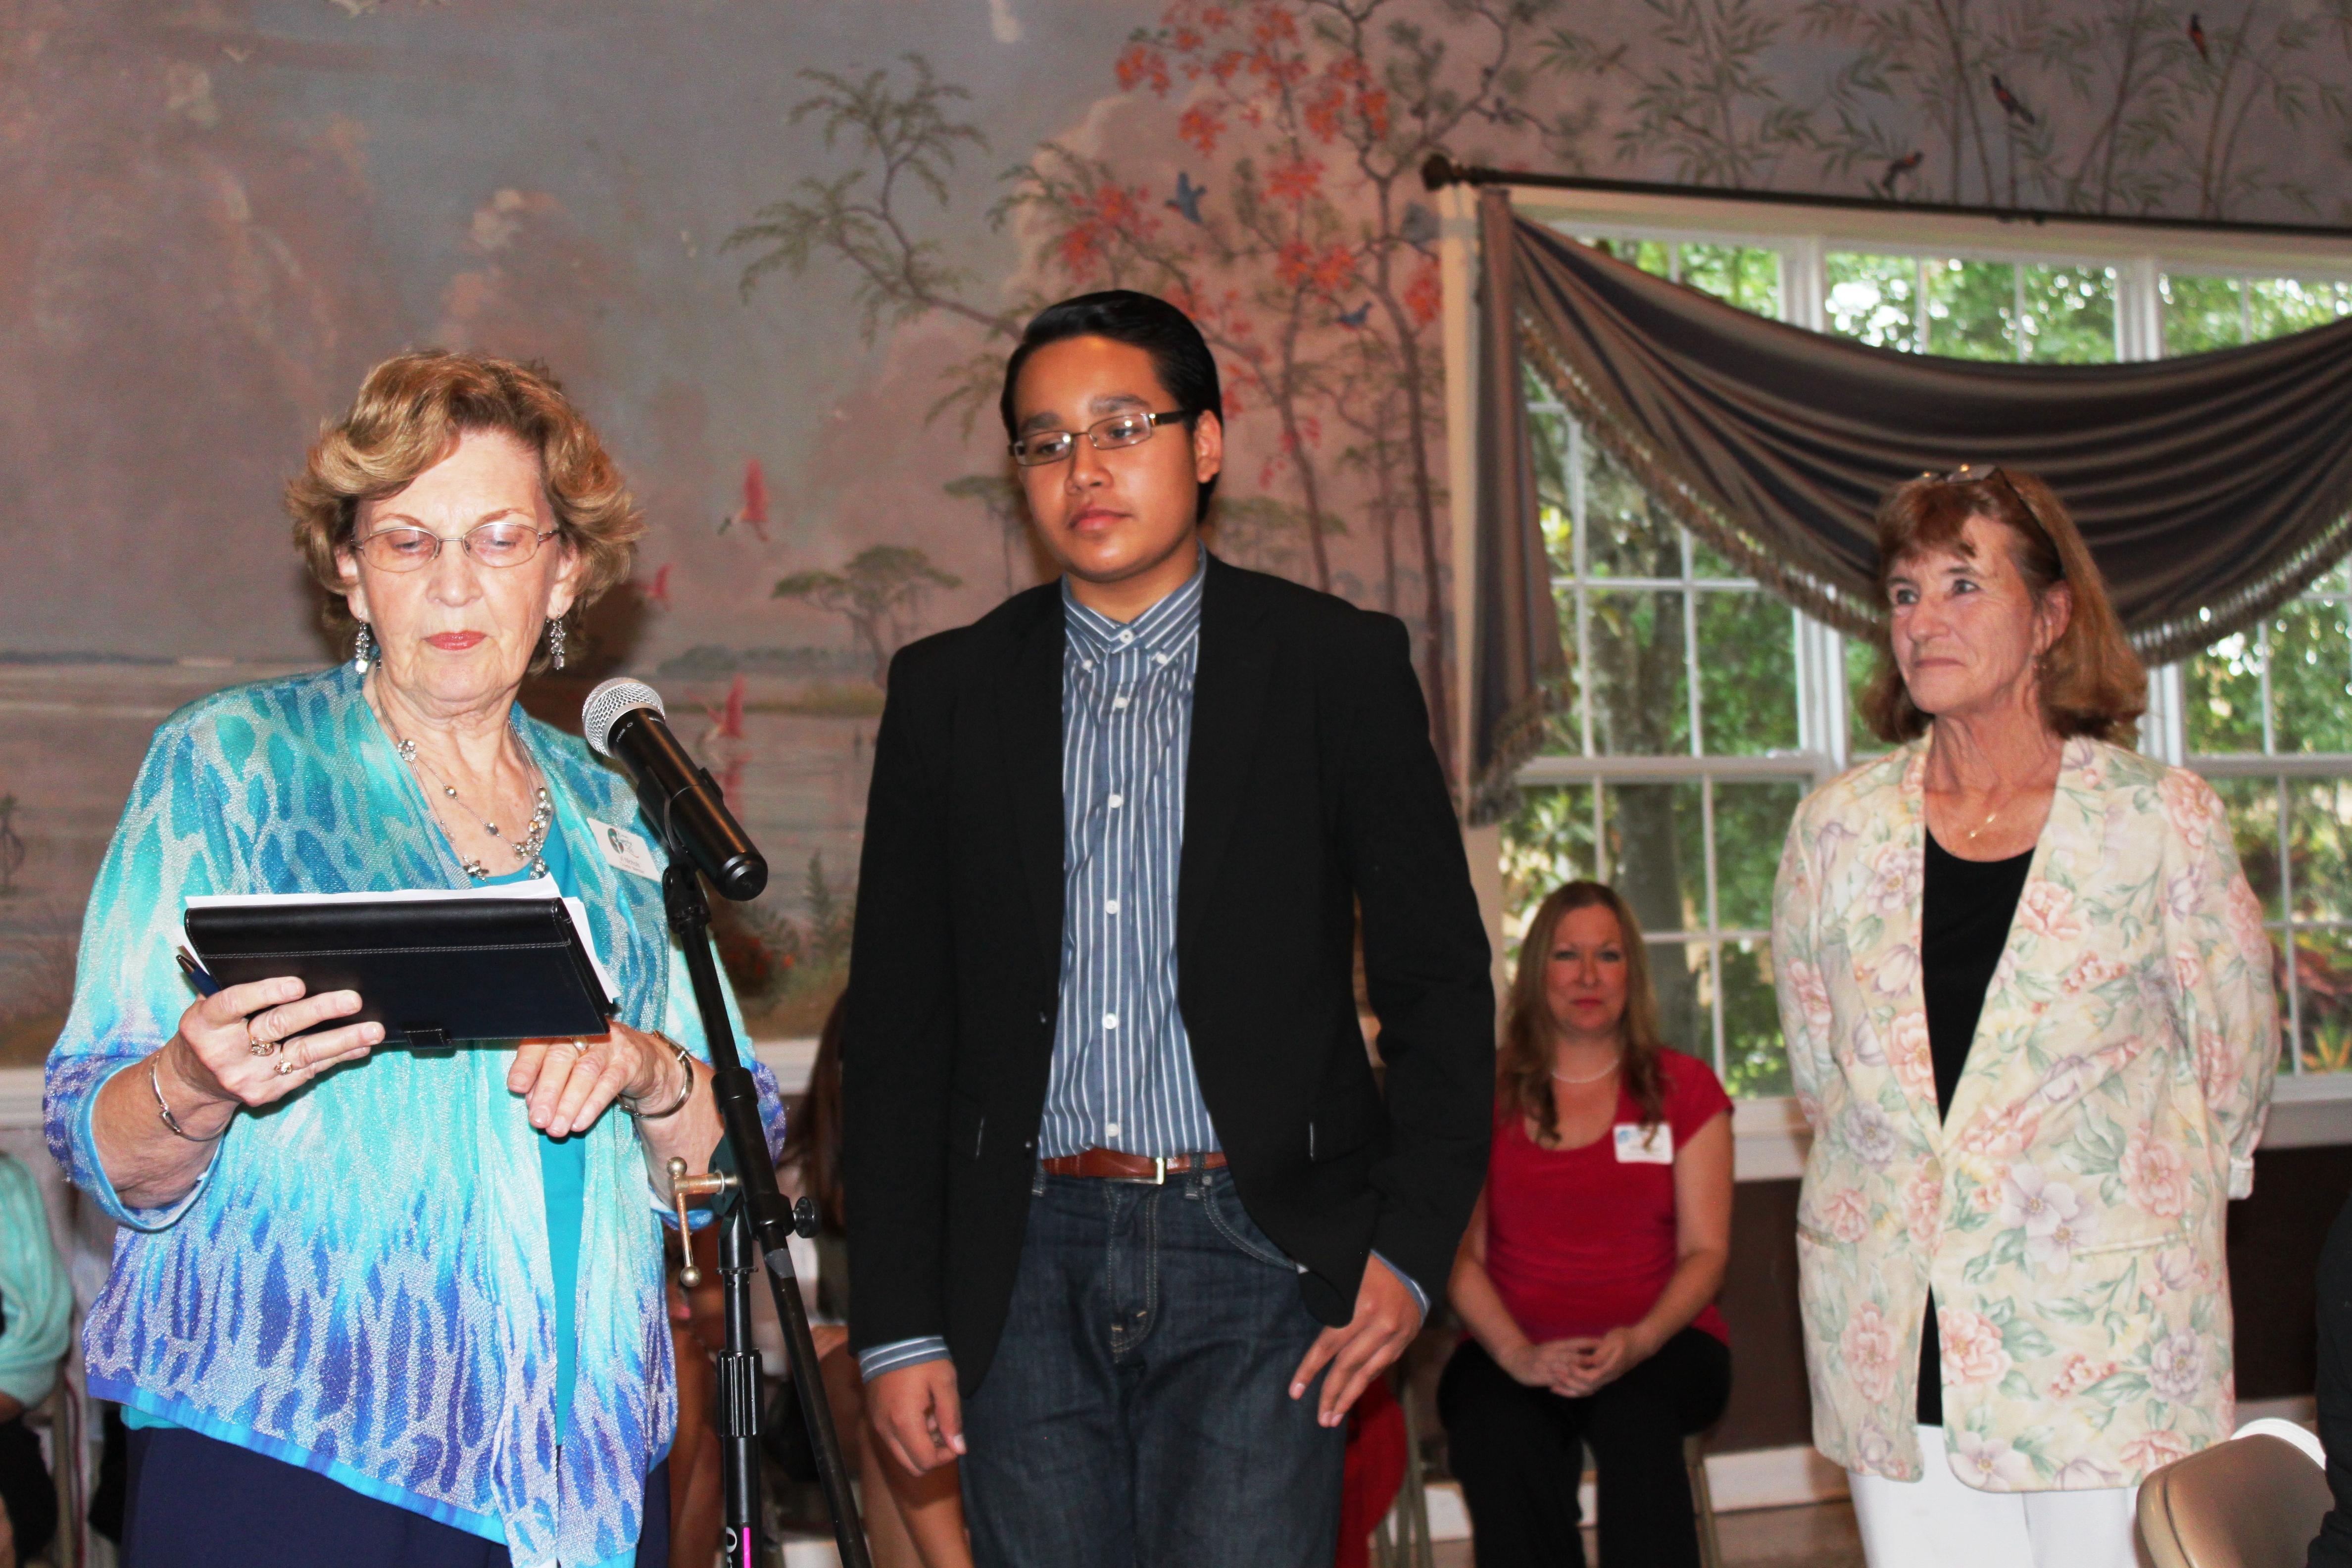 2015 Grant Recipients Recognized